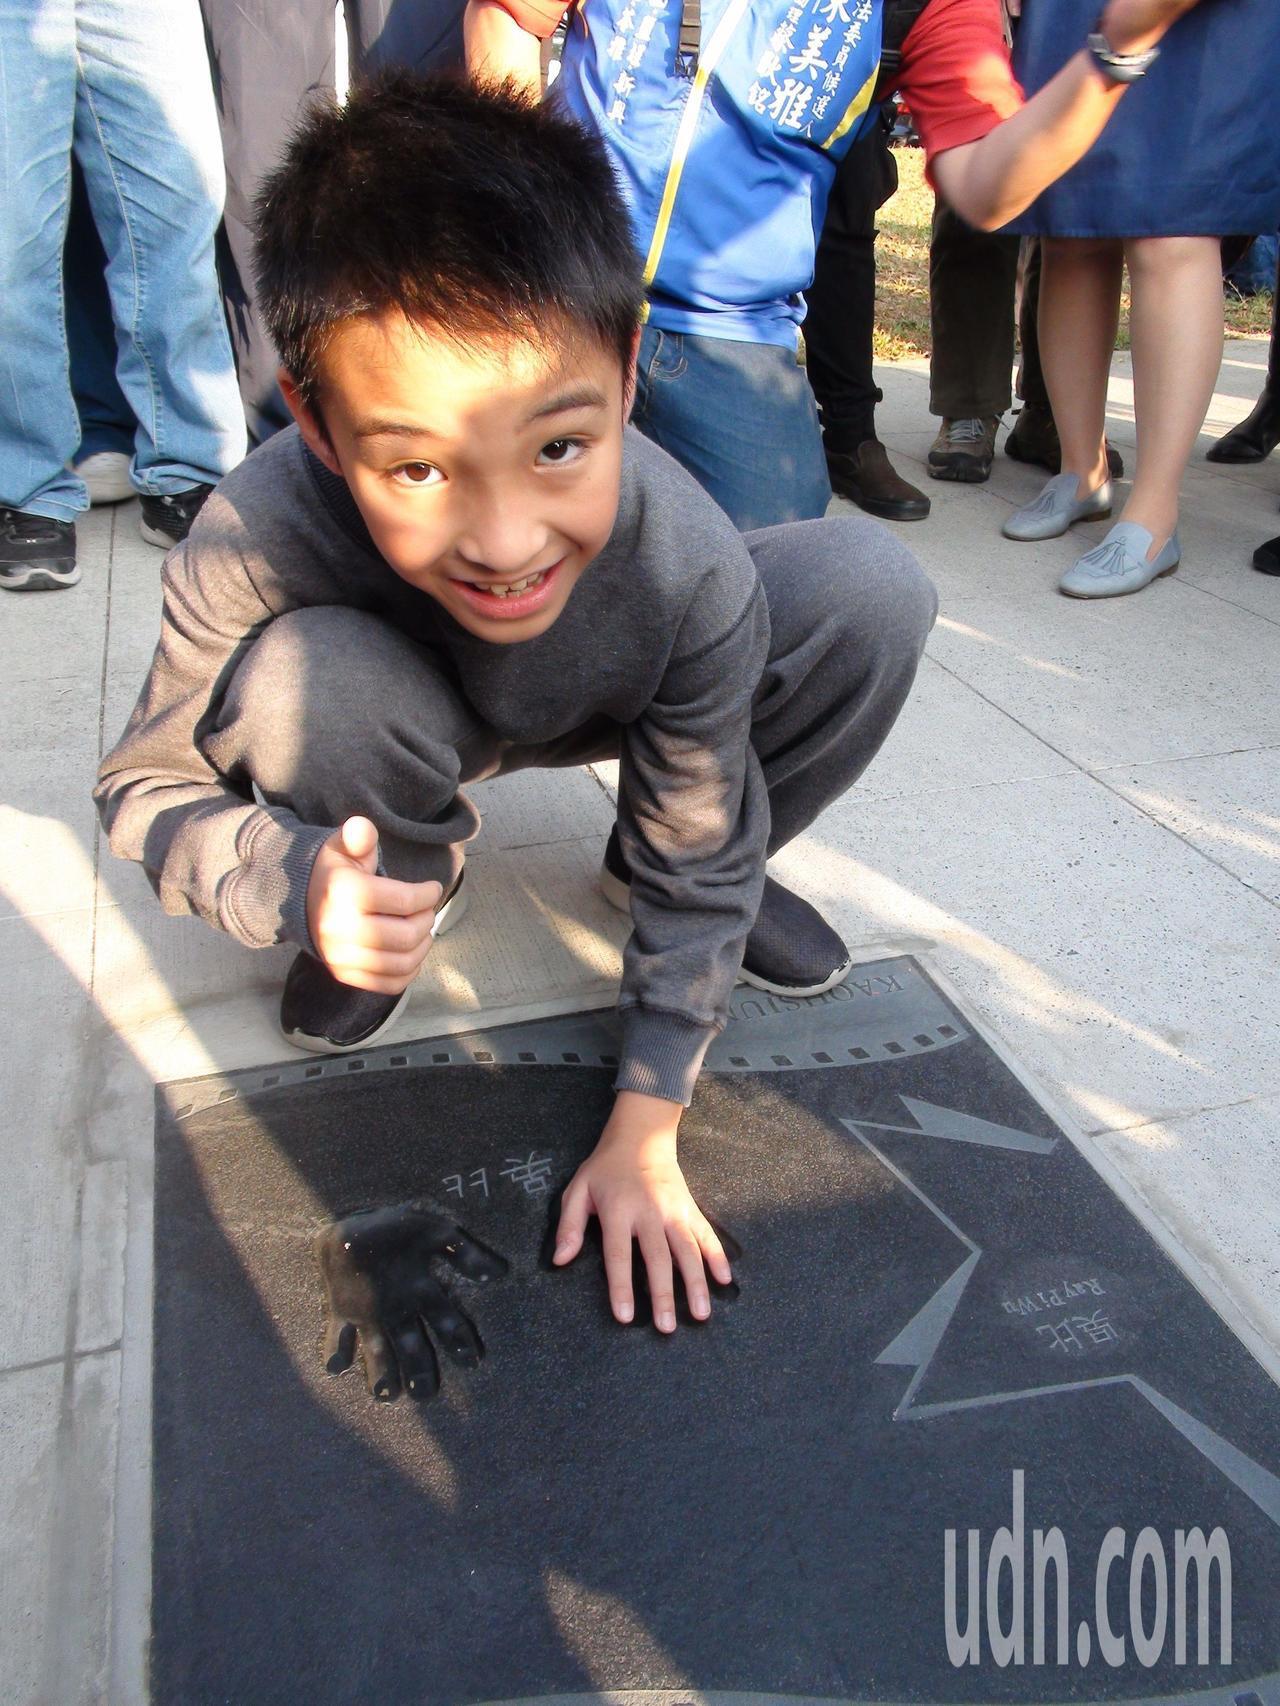 吳比說,他沒想到自己的手印也會星光大道上。記者謝梅芬/攝影